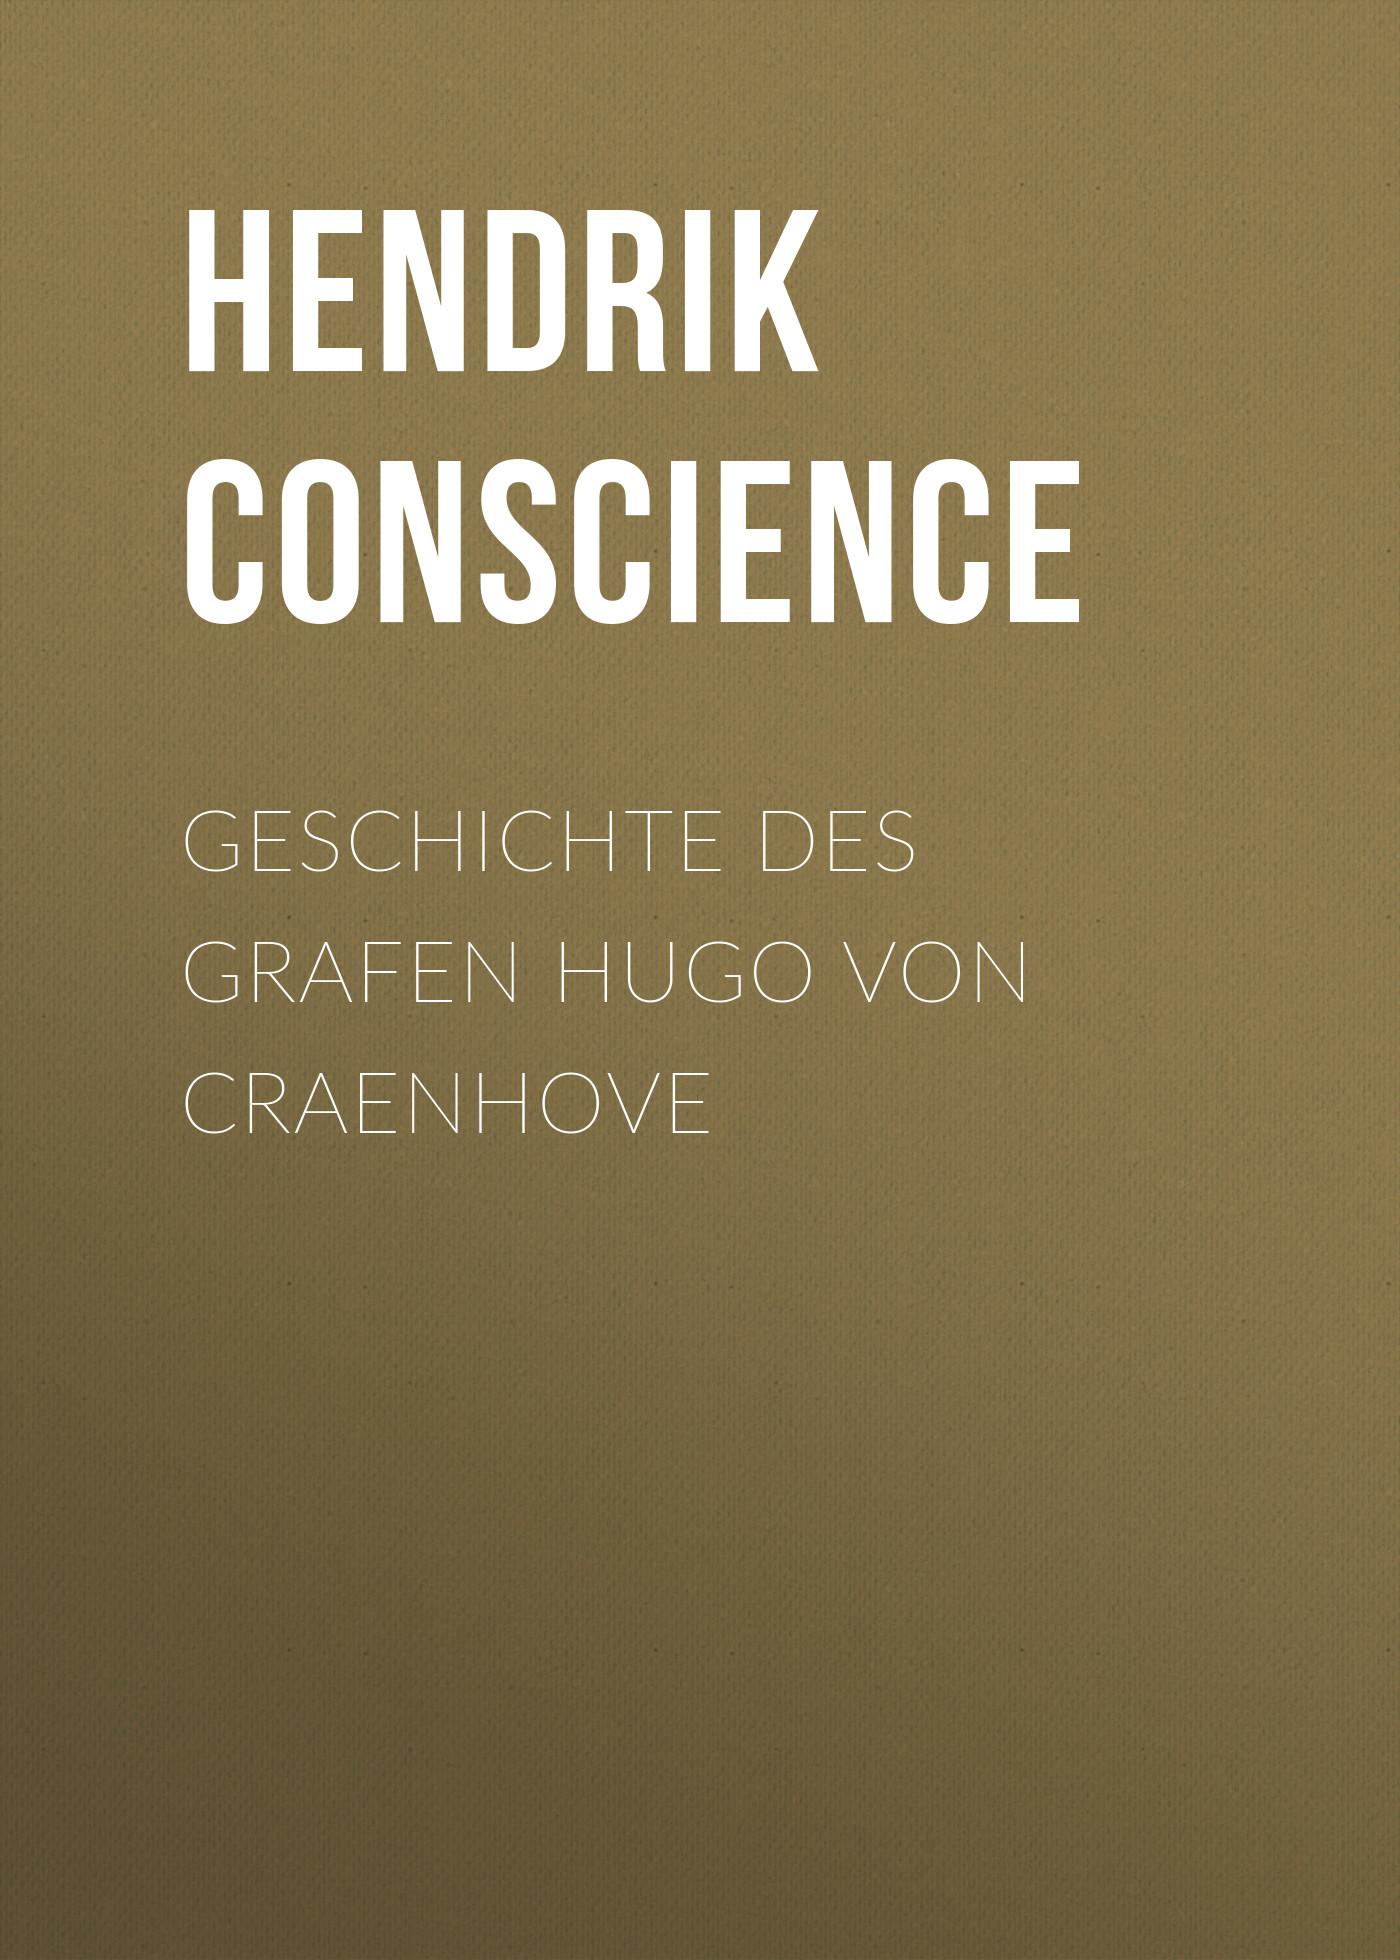 Hendrik Conscience Geschichte des Grafen Hugo von Craenhove